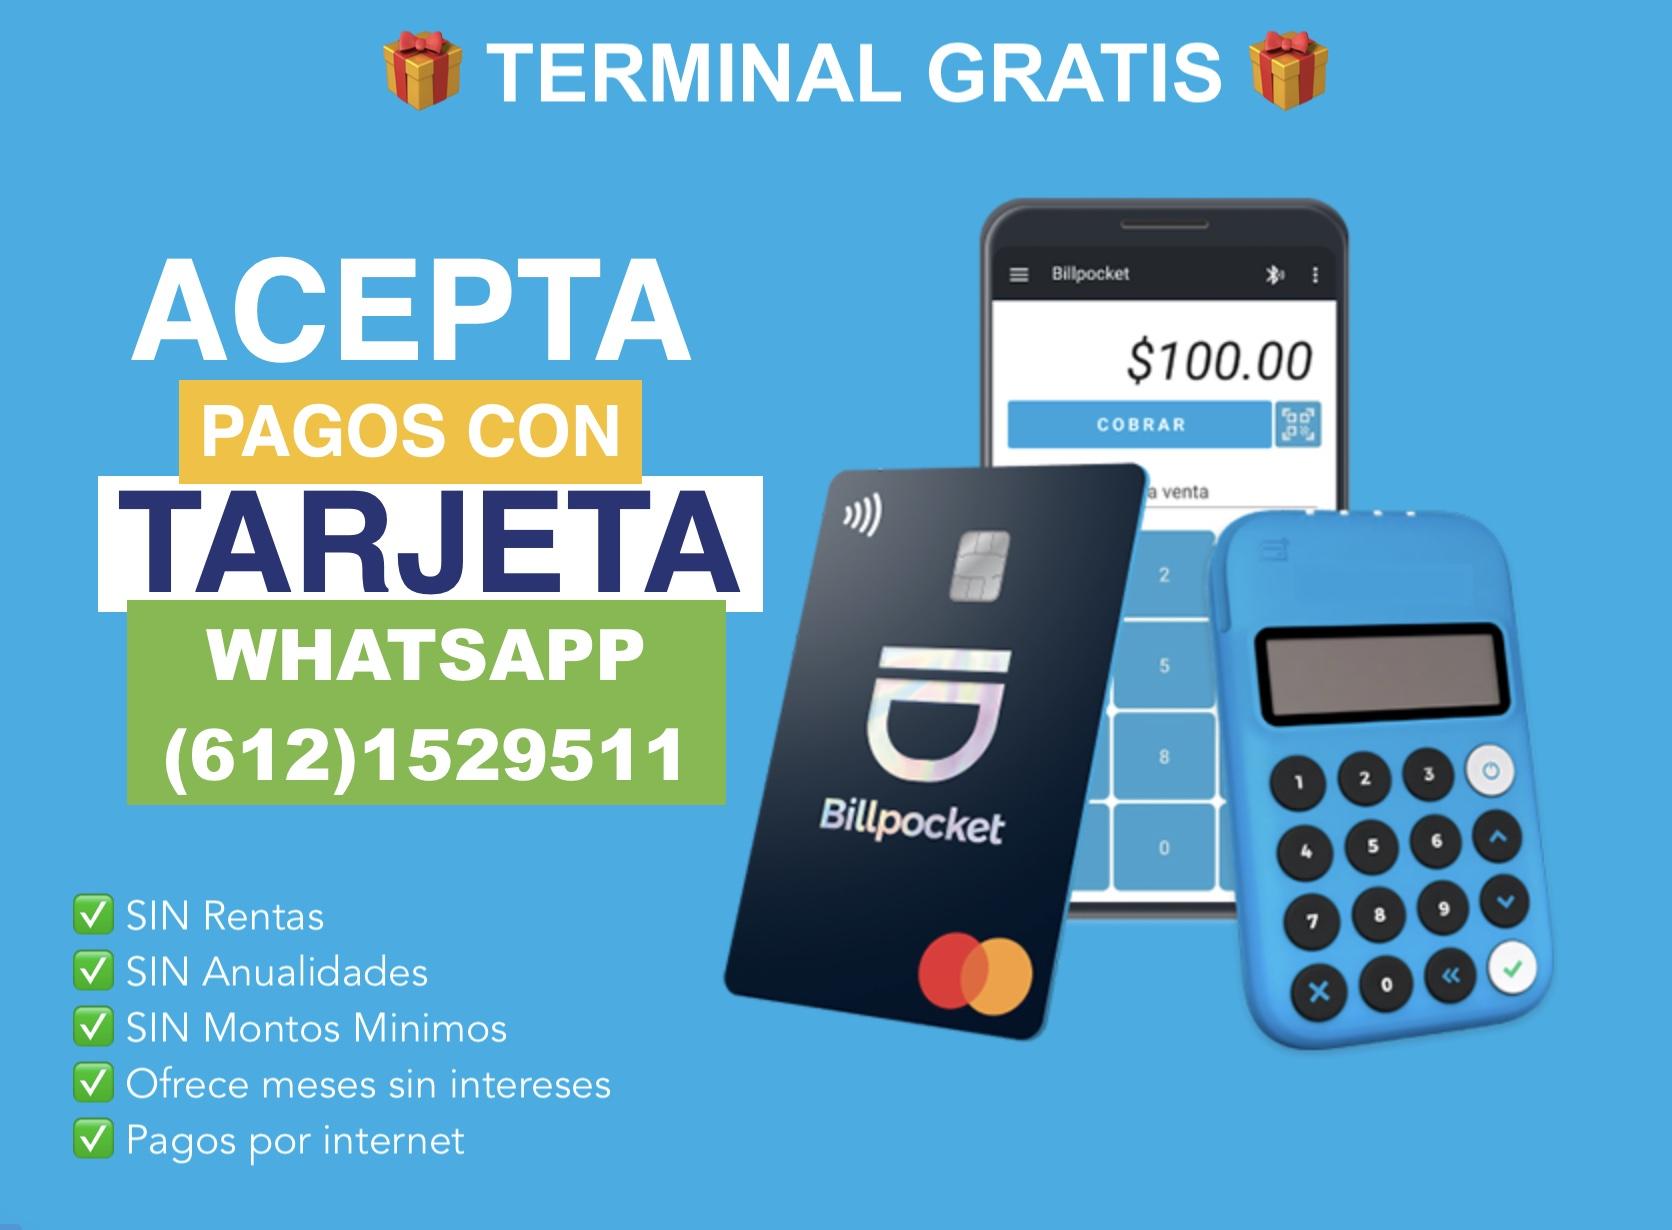 terminal gratis Billpocket